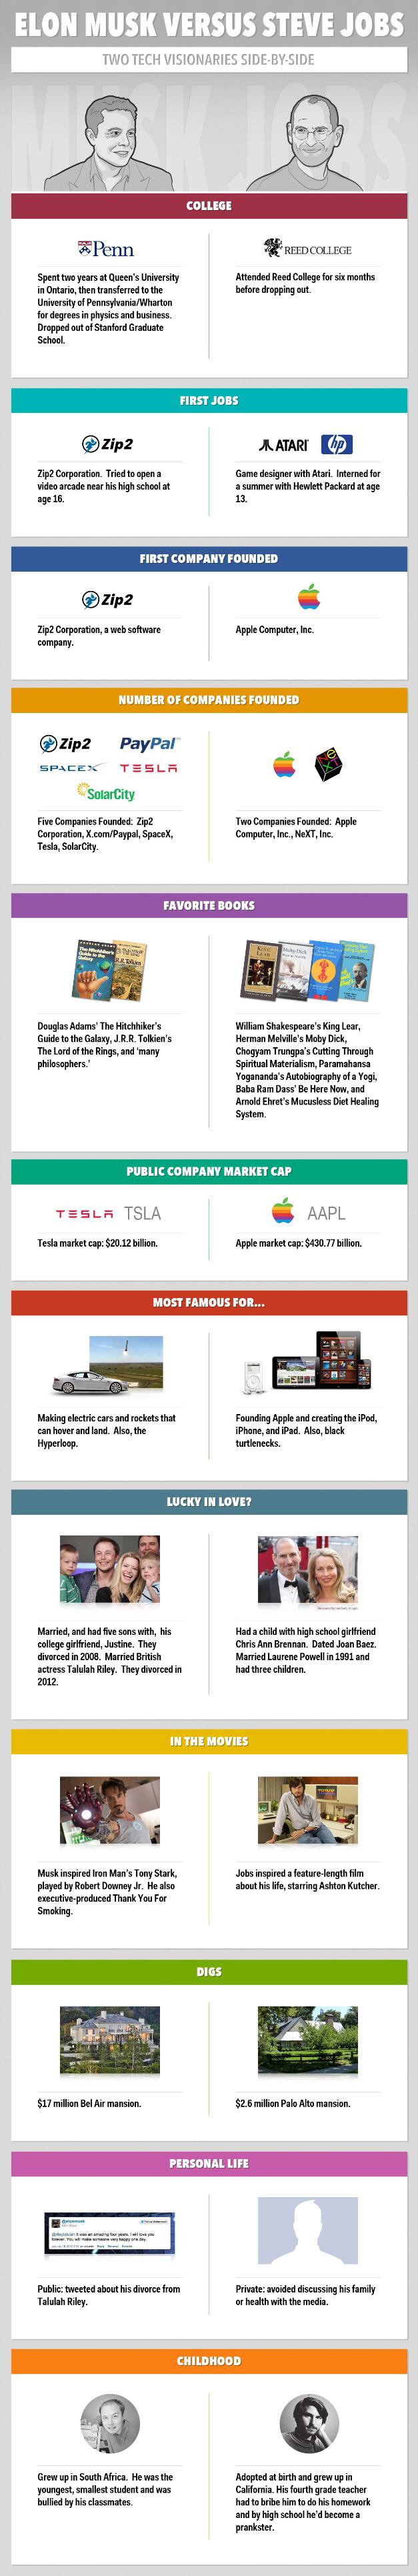 Steve Jobs Vs Elon Musk